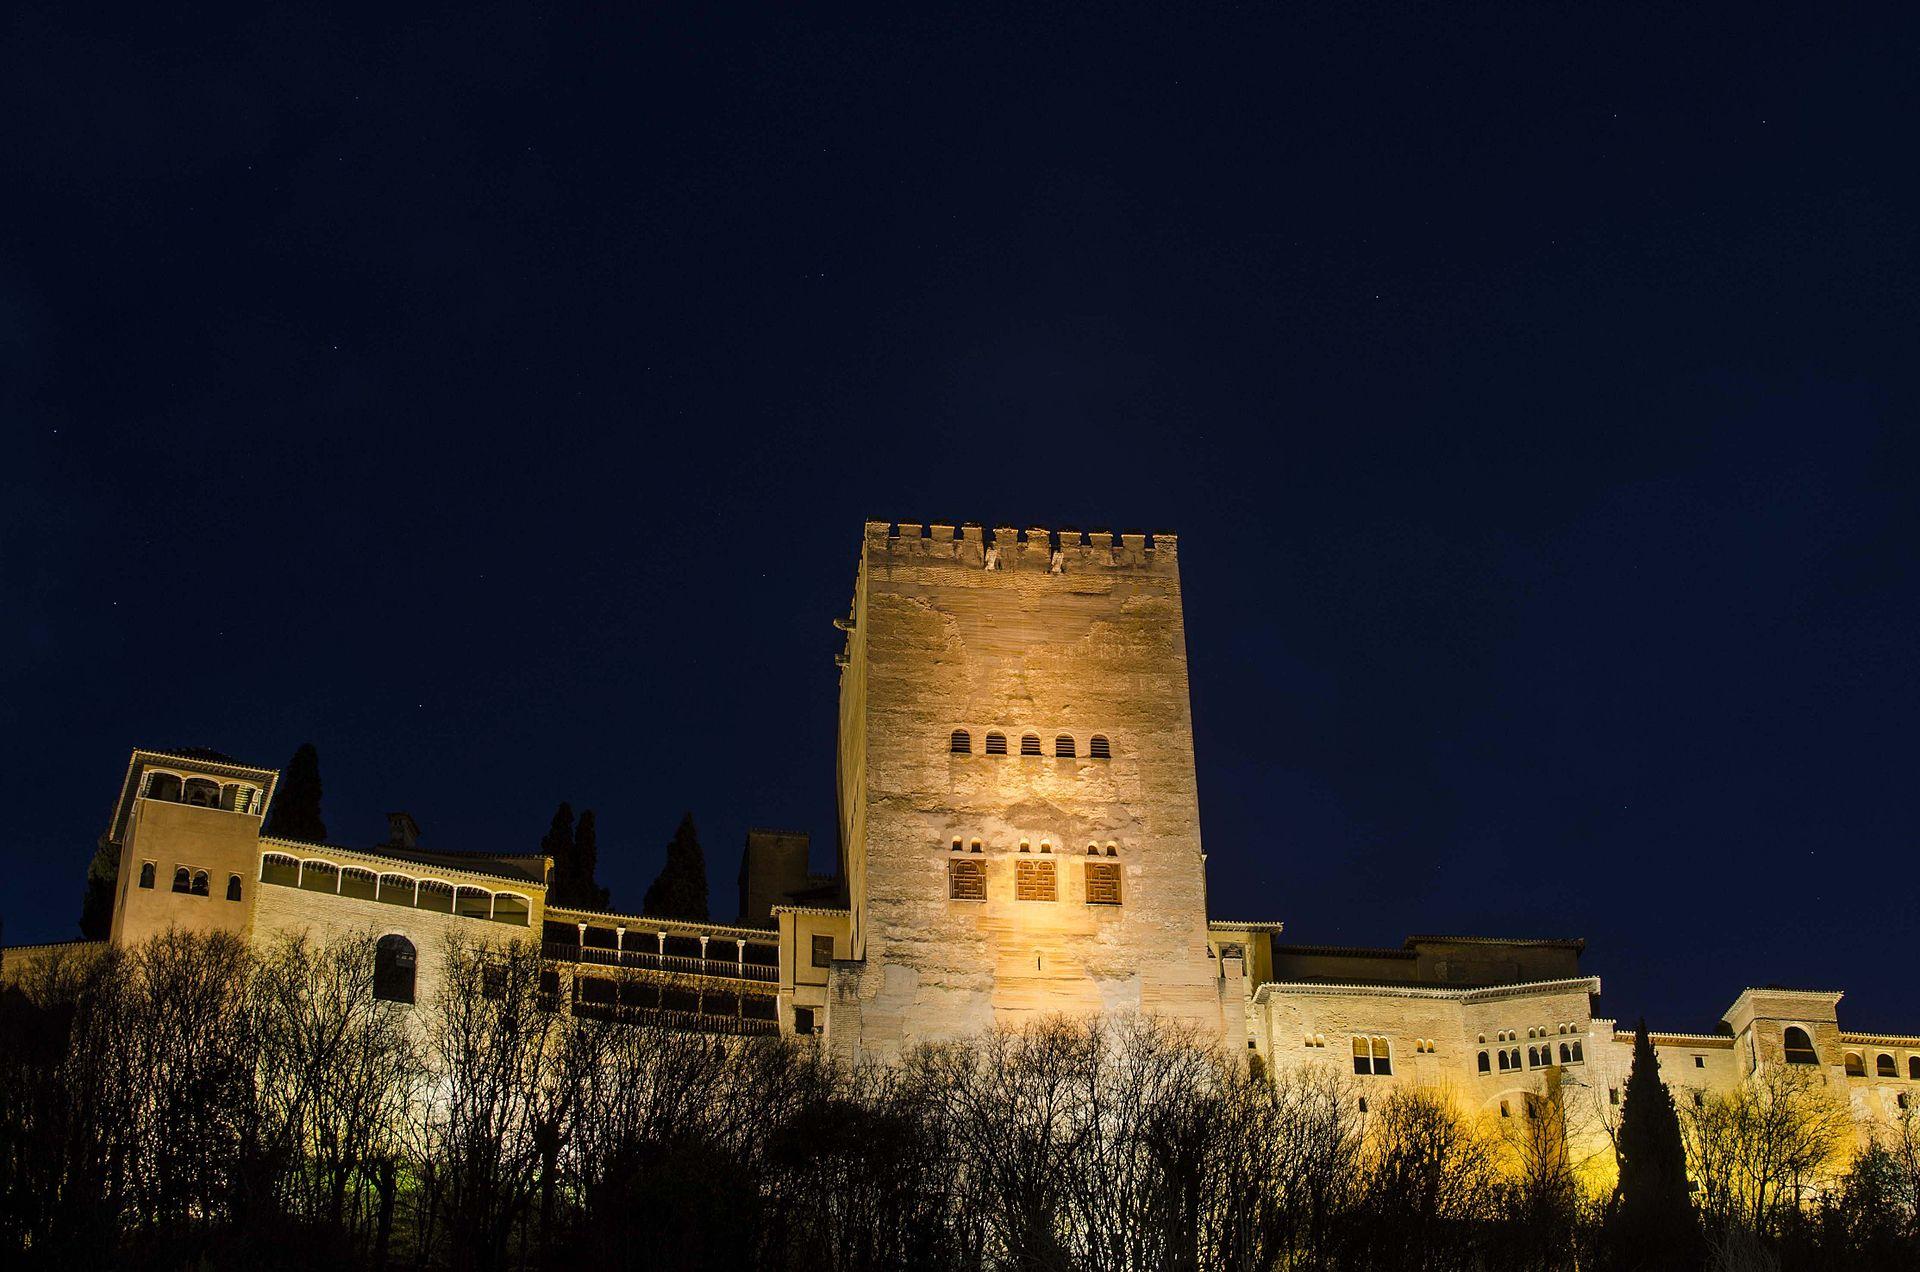 Torre de Comares al anochecer vista desde el paseo del padre Manjón